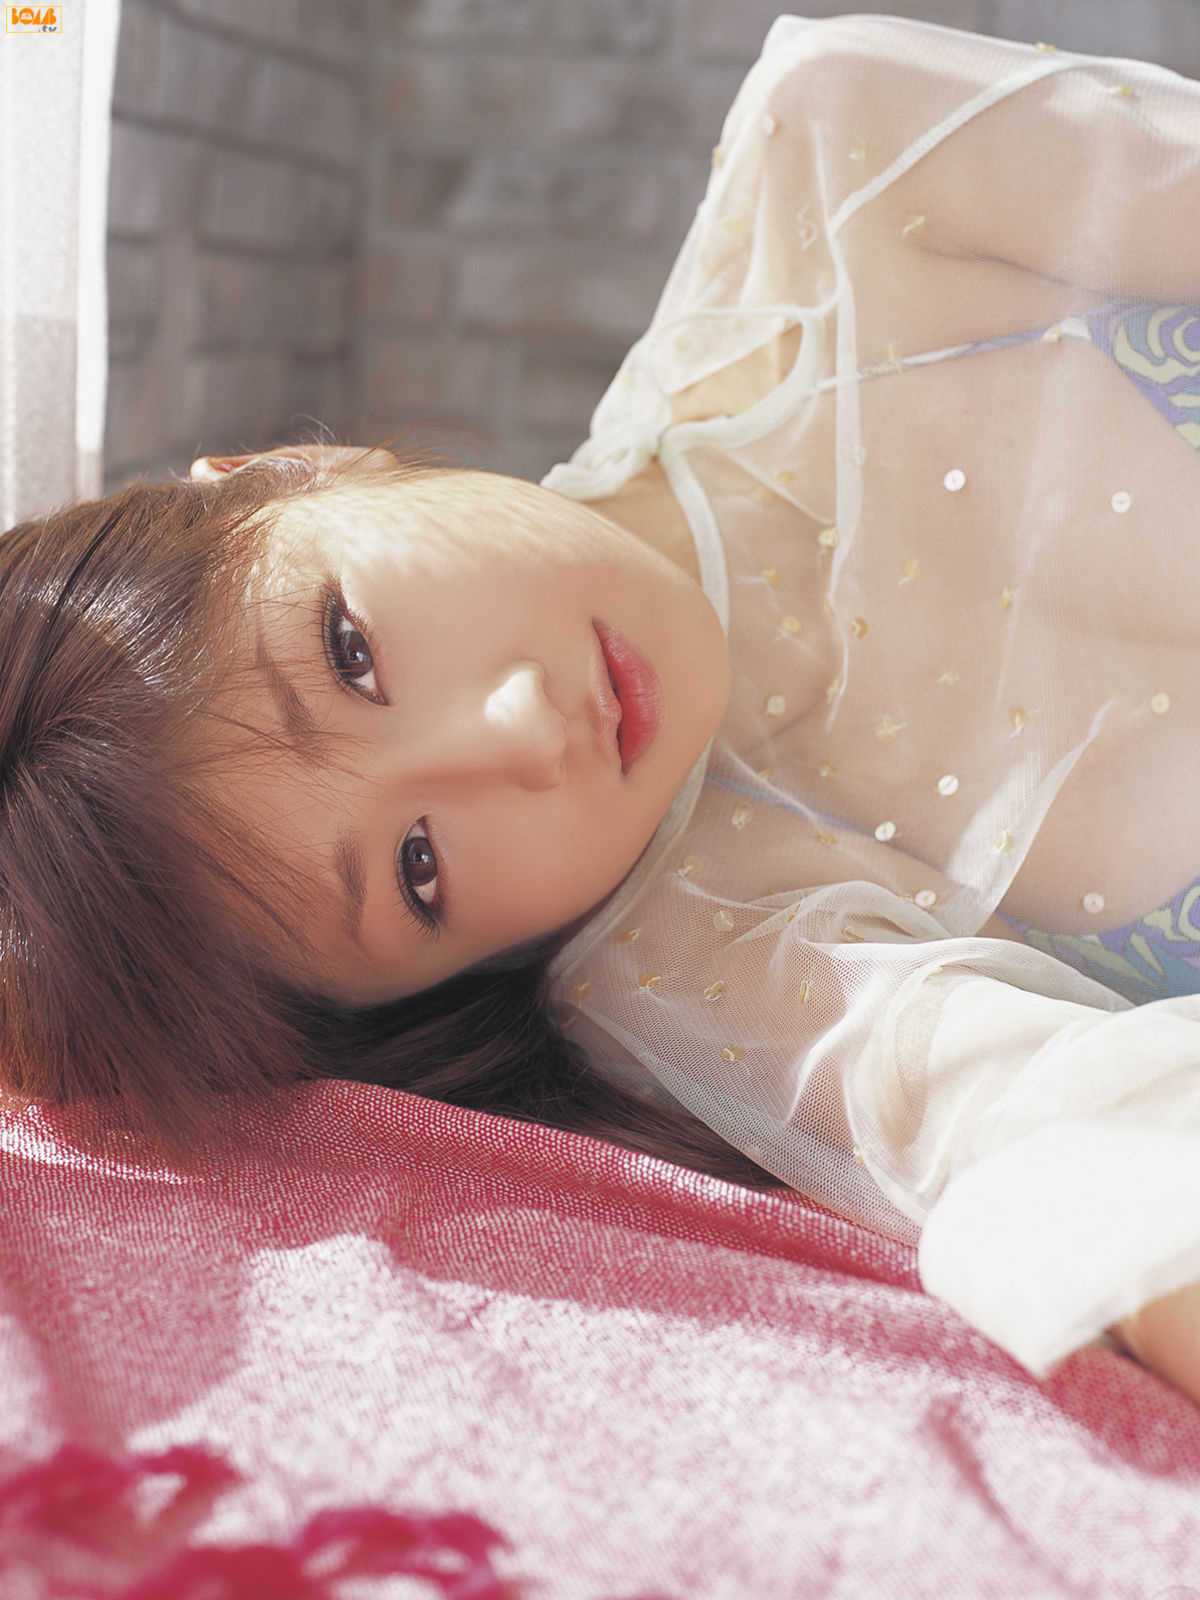 小倉優子 画像 50